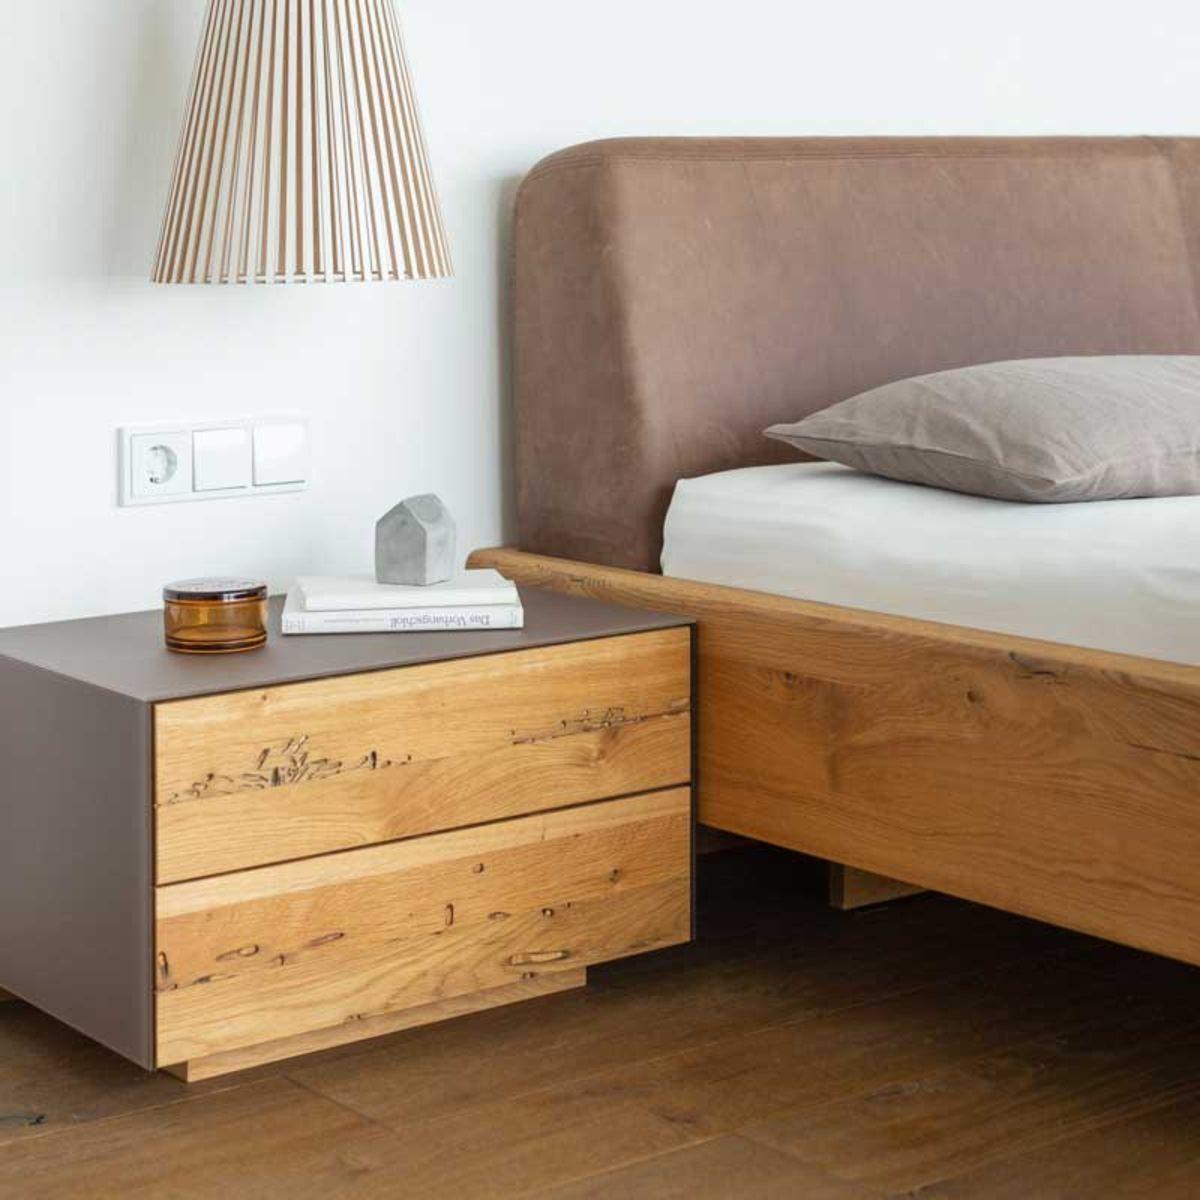 nox Bett mit cubus pure Nachtkästchen von TEAM 7 Hamburg